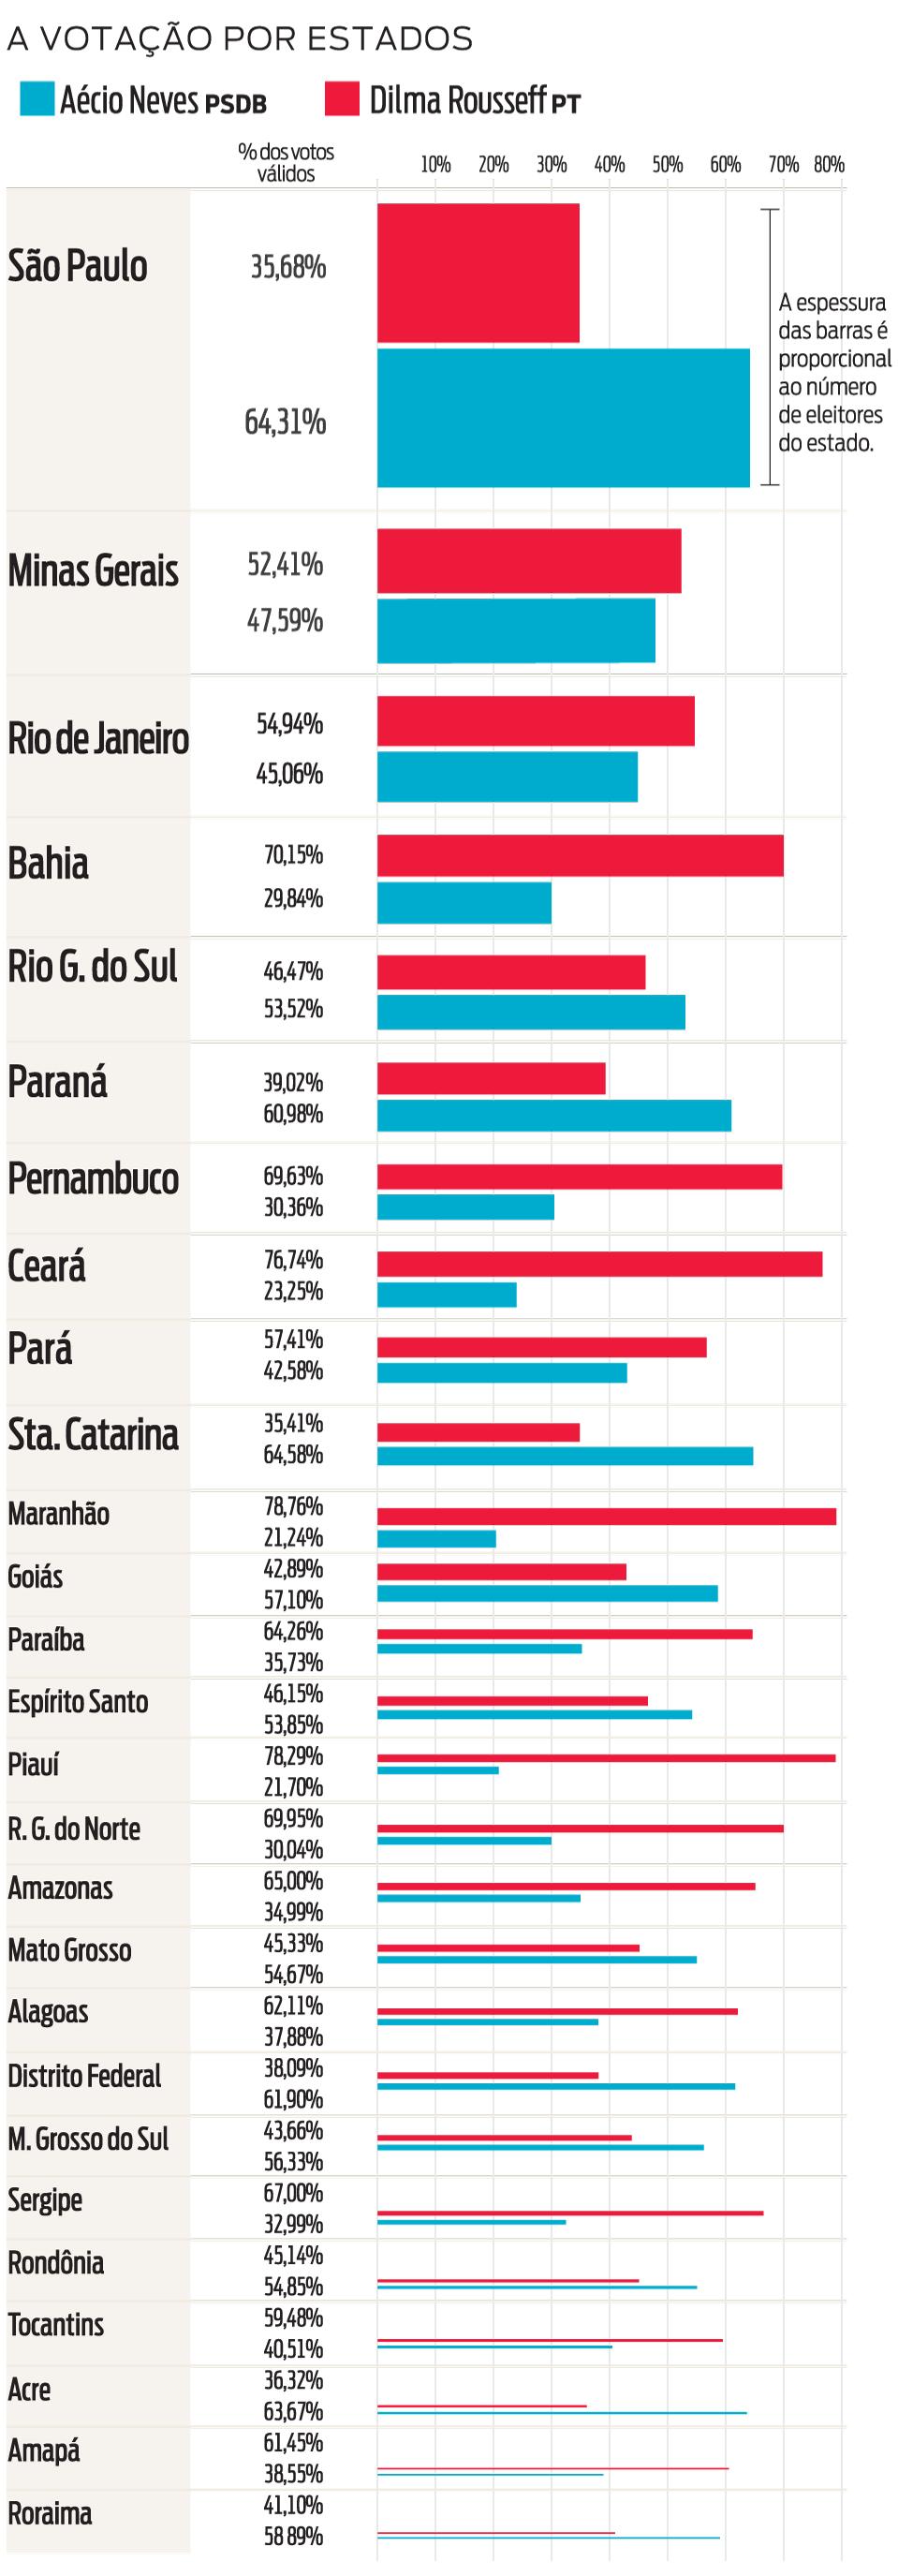 Infográfico: barras por estado do resultado das eleições presidenciais no 2º turno em 2014